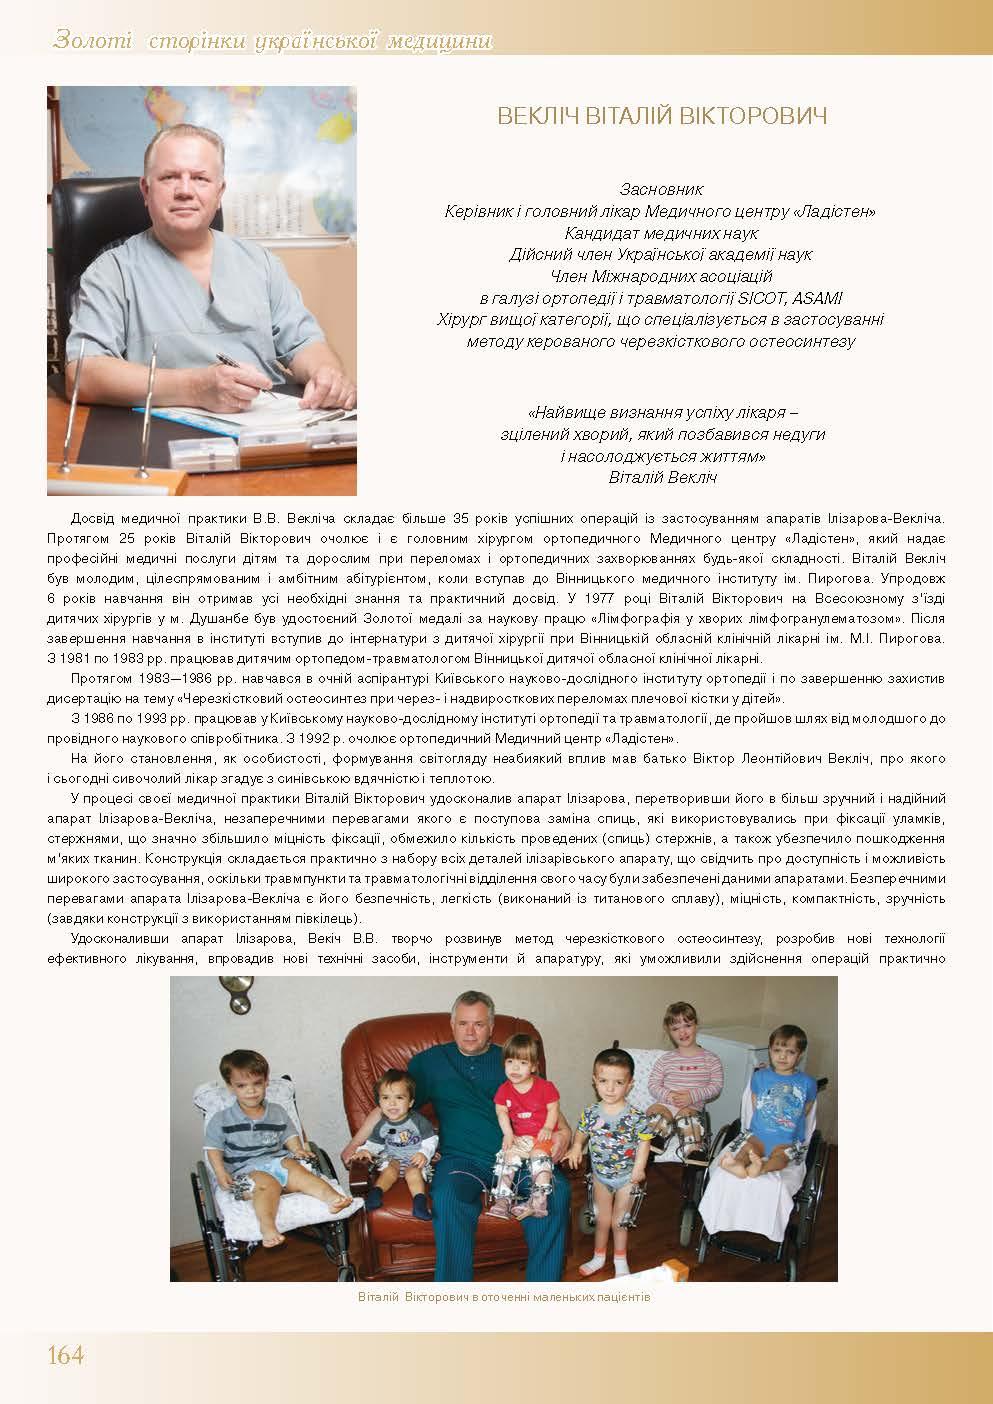 Векліч Віталій Вікторович